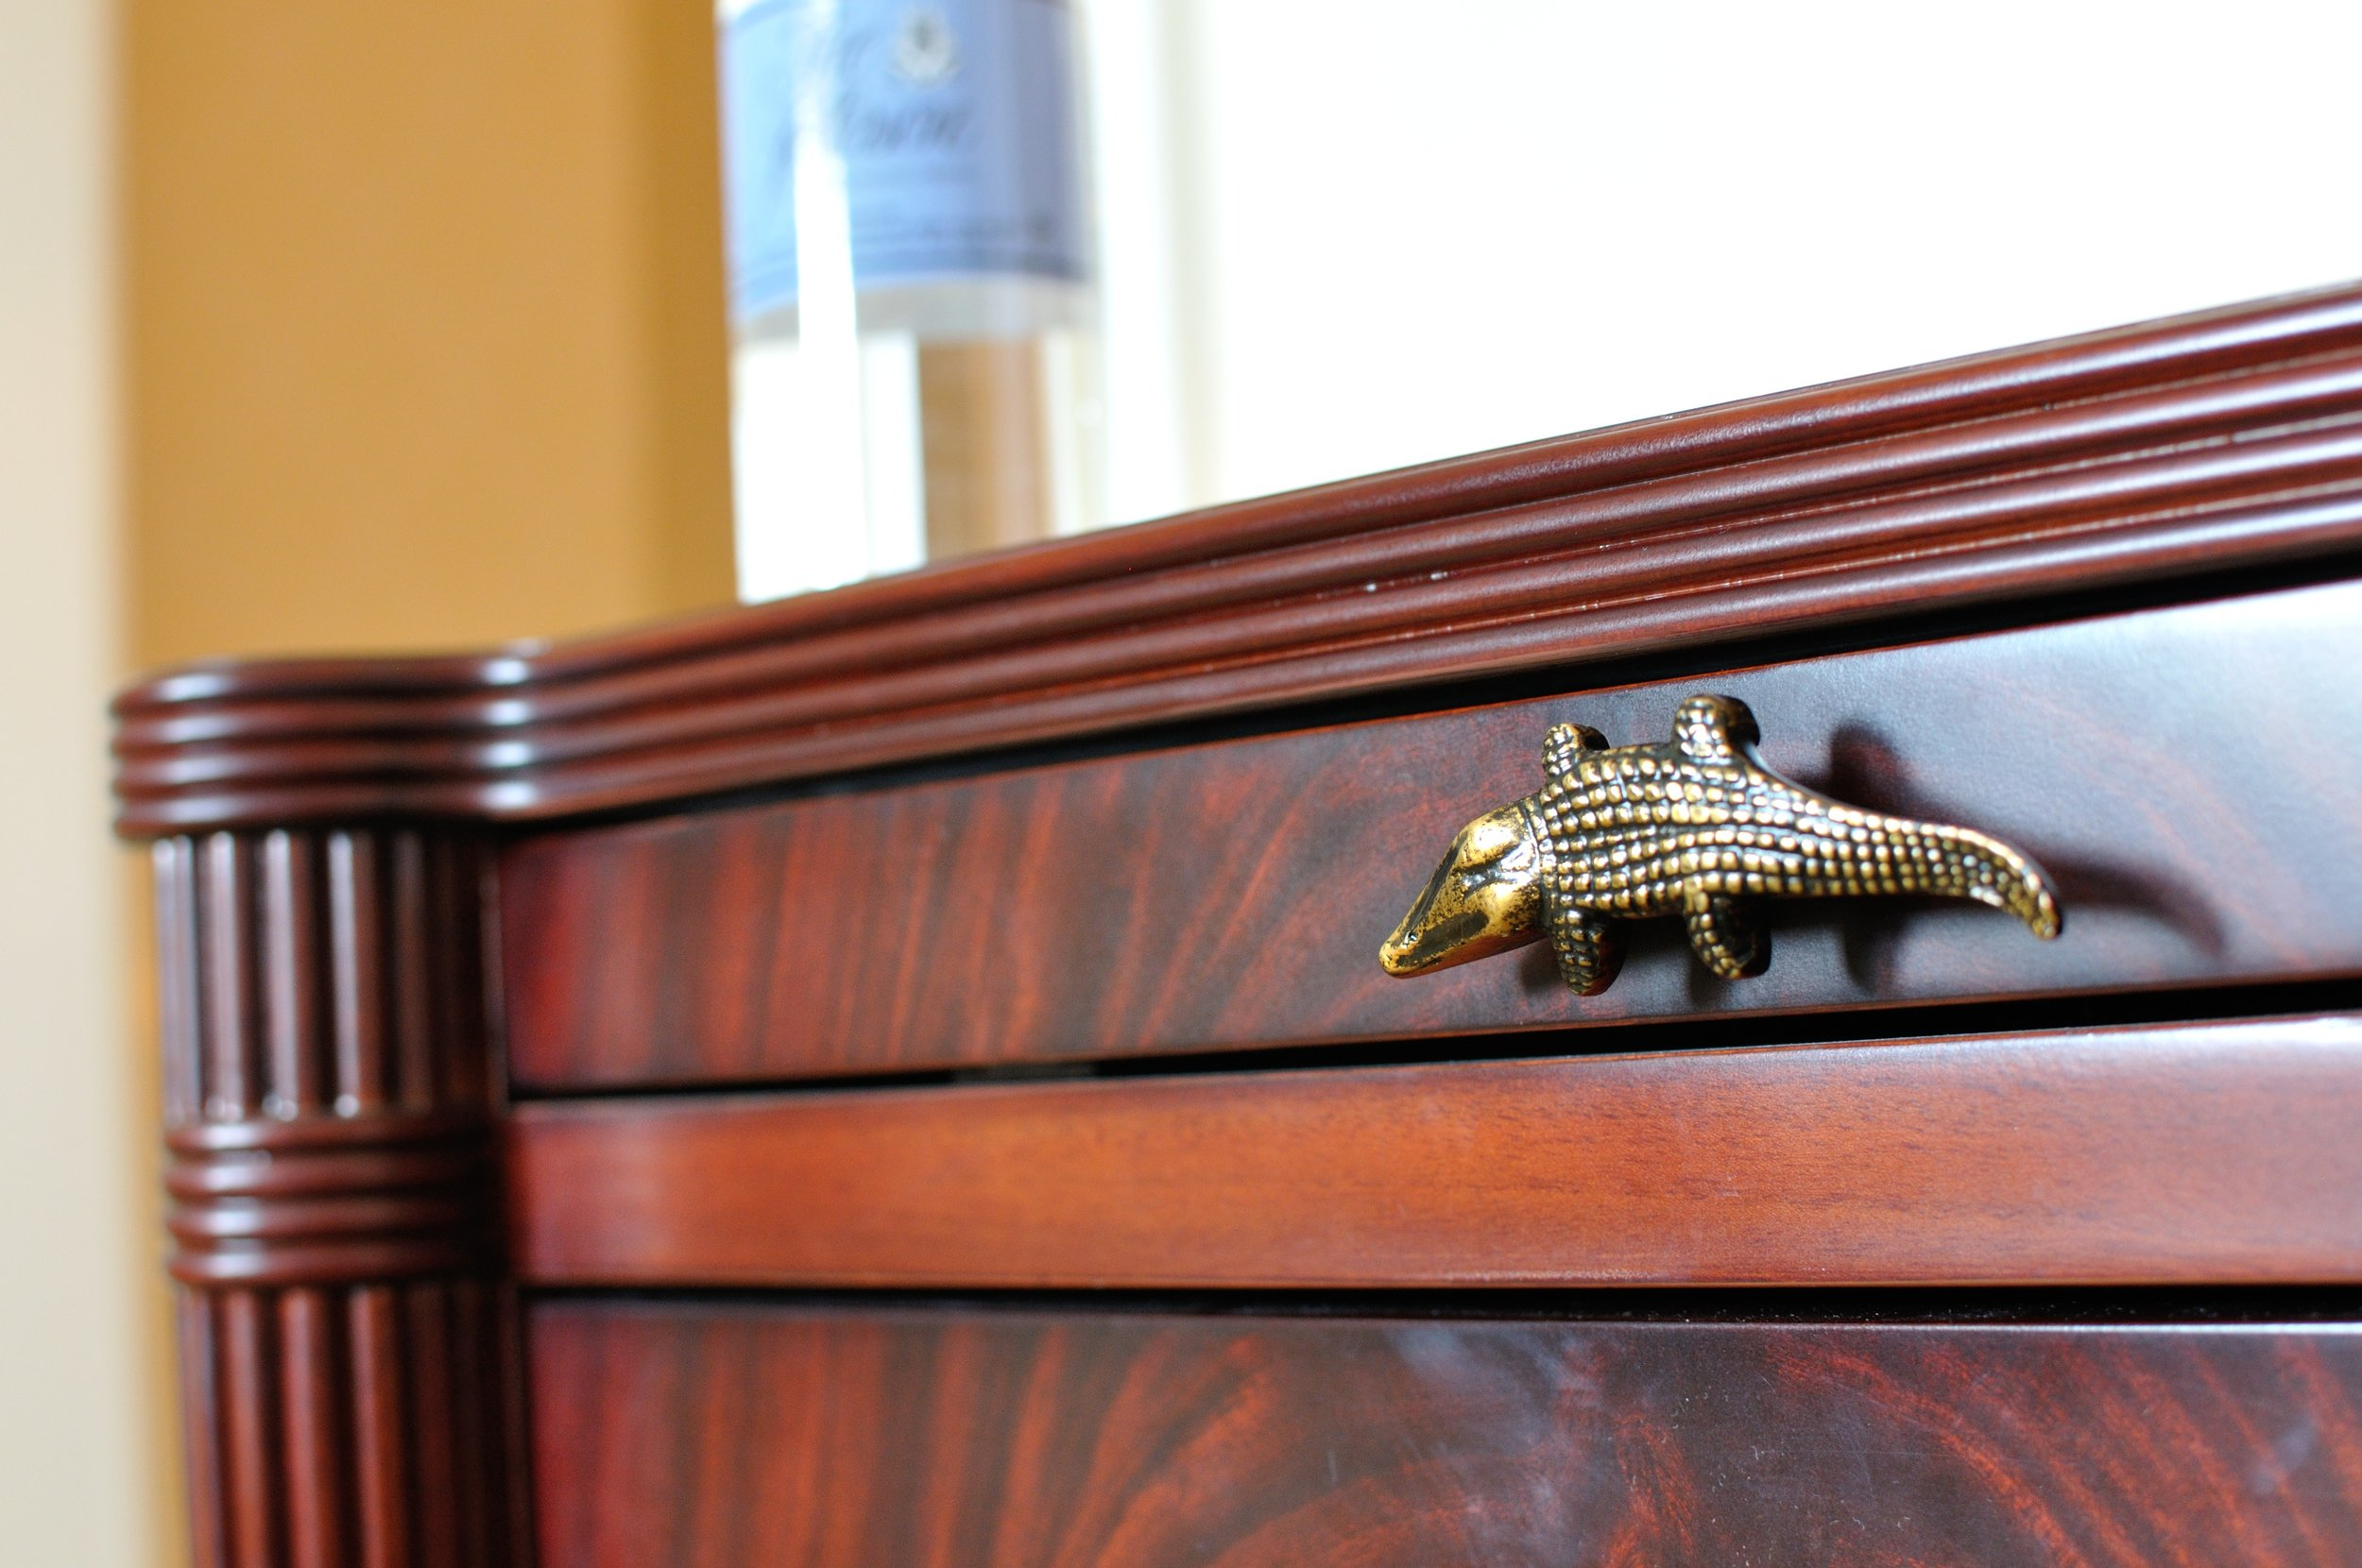 Lots of little alligator details